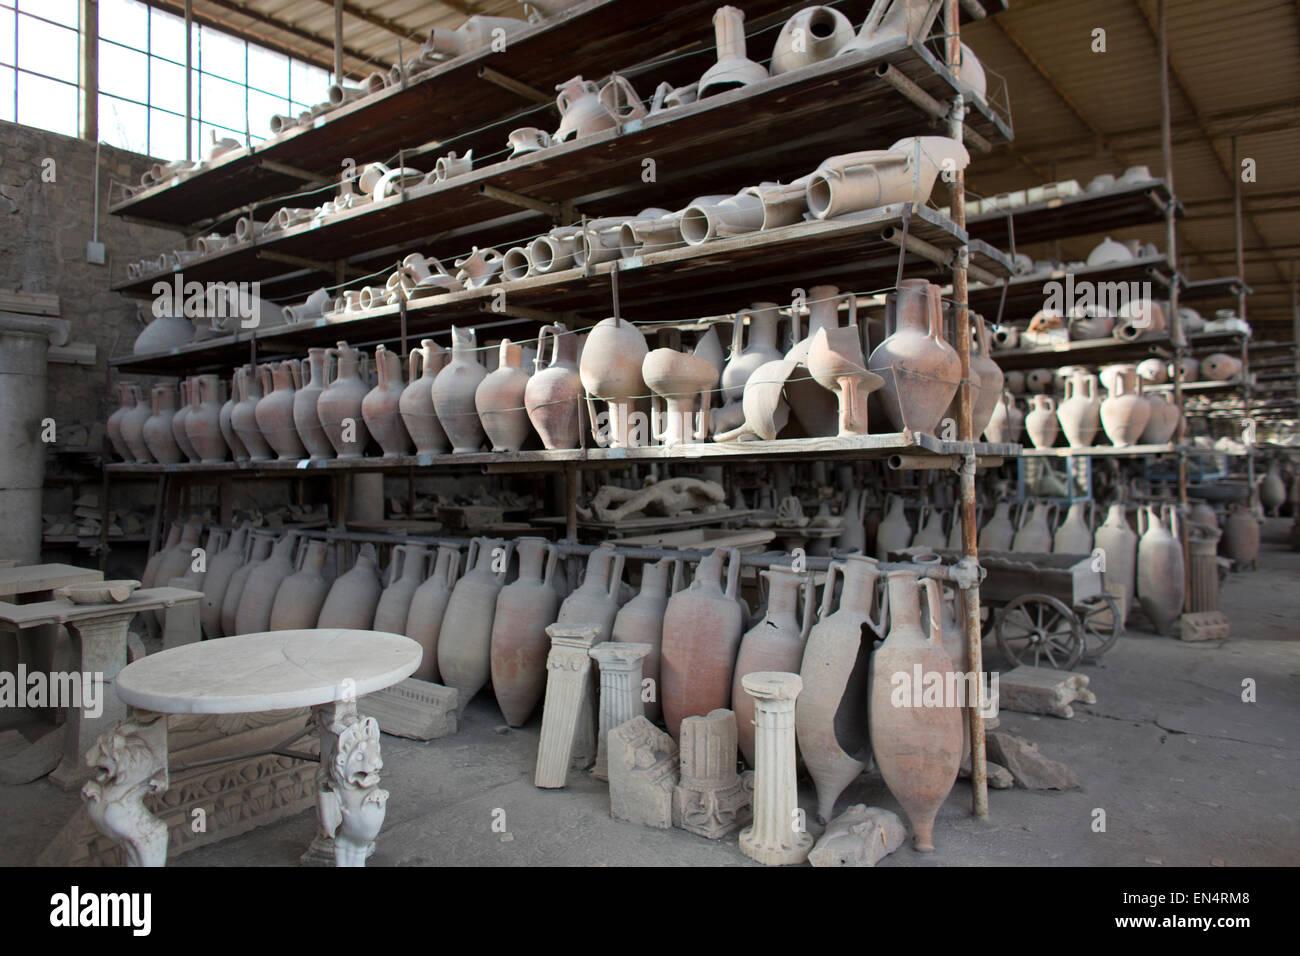 Hace casi 2.000 años, la ciudad de Pompeya fue destruida por una erupción del Vesubio. 20.000 residentes de la ciudad de Pompeya y los 4.000 ciudadanos de Herculano murió. Foto de stock